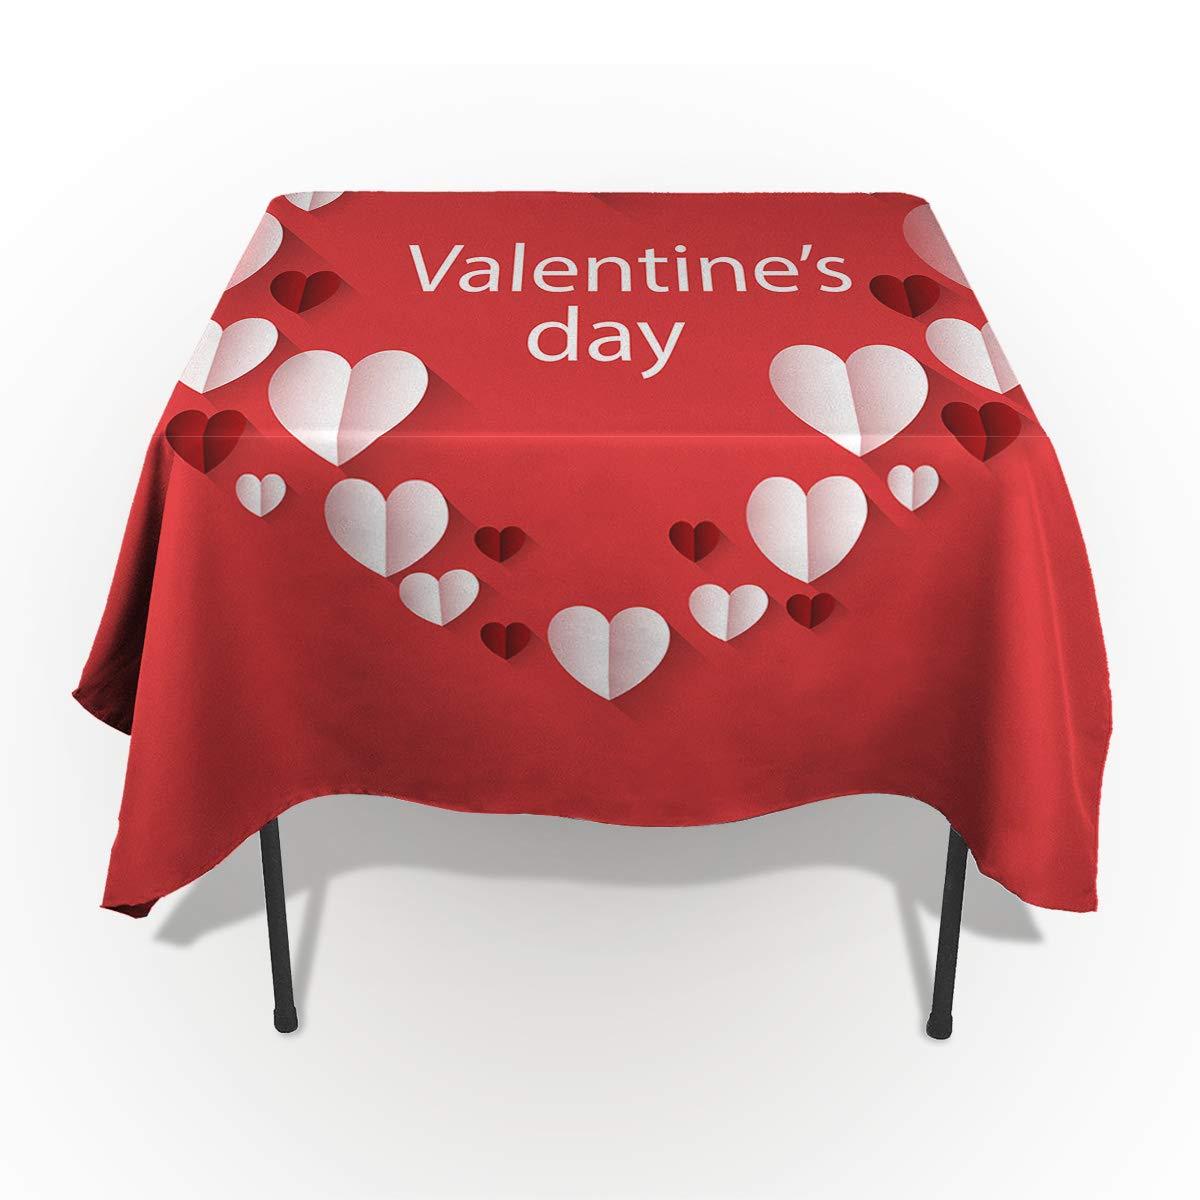 ロマンチックな花 バレンタインデー 長方形 テーブルクロス コットンリネン 洗濯可能 長方形 テーブルクロス カバー ホーム キッチン デートディナーテーブルトップ 装飾 53x70in CXL190110-SSTW02149ZBABITH 53x70in カラー-8 B07MQDMTXM